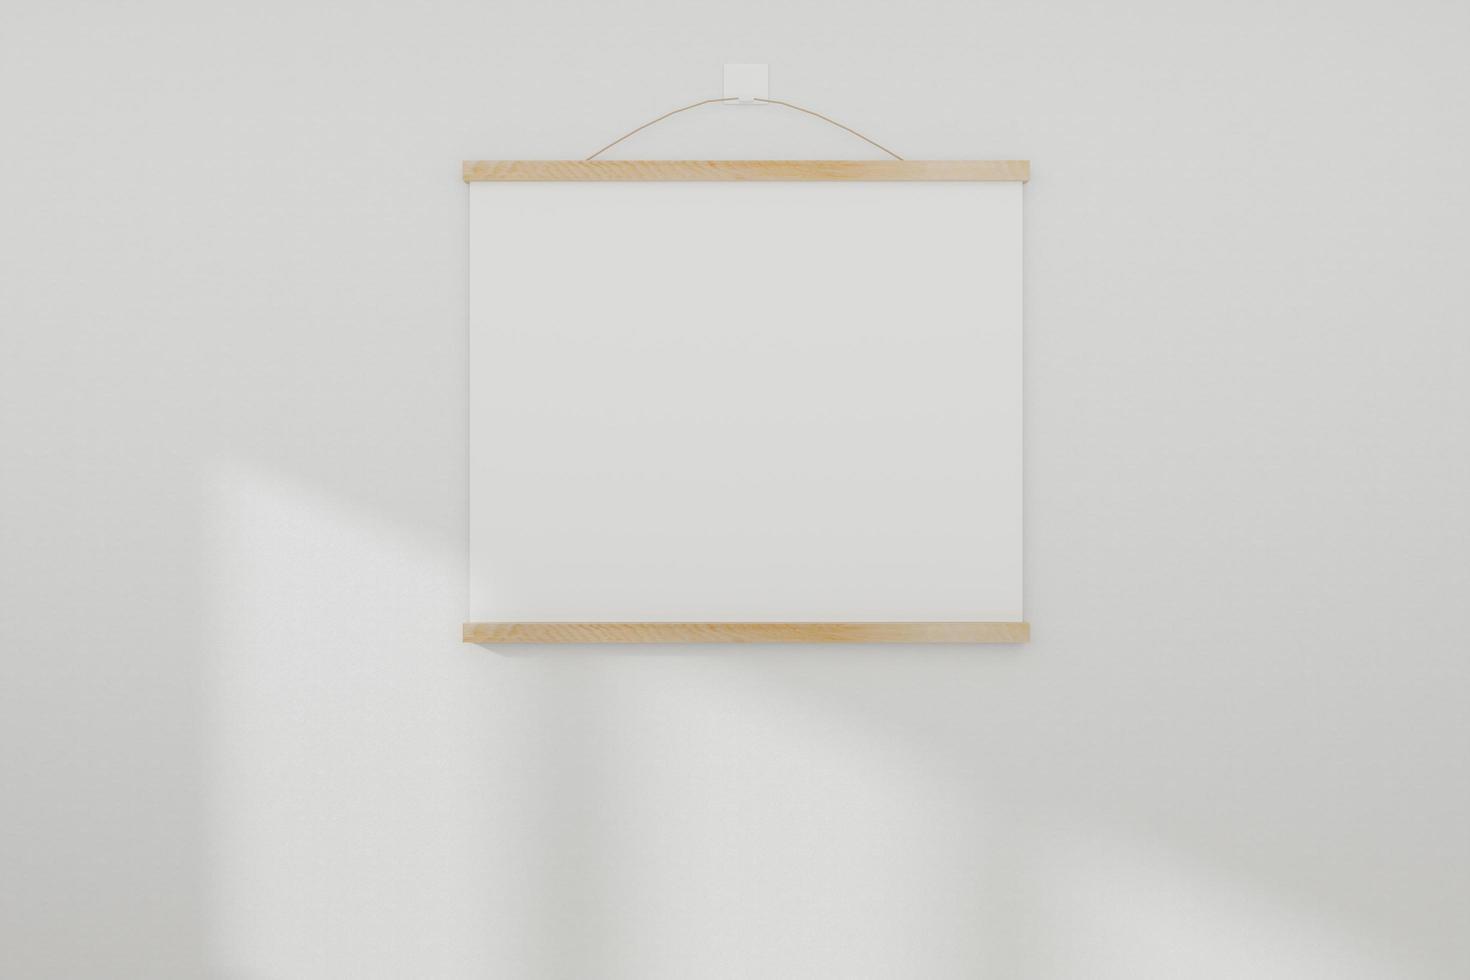 Bilderrahmenmodell auf weißer Wand foto